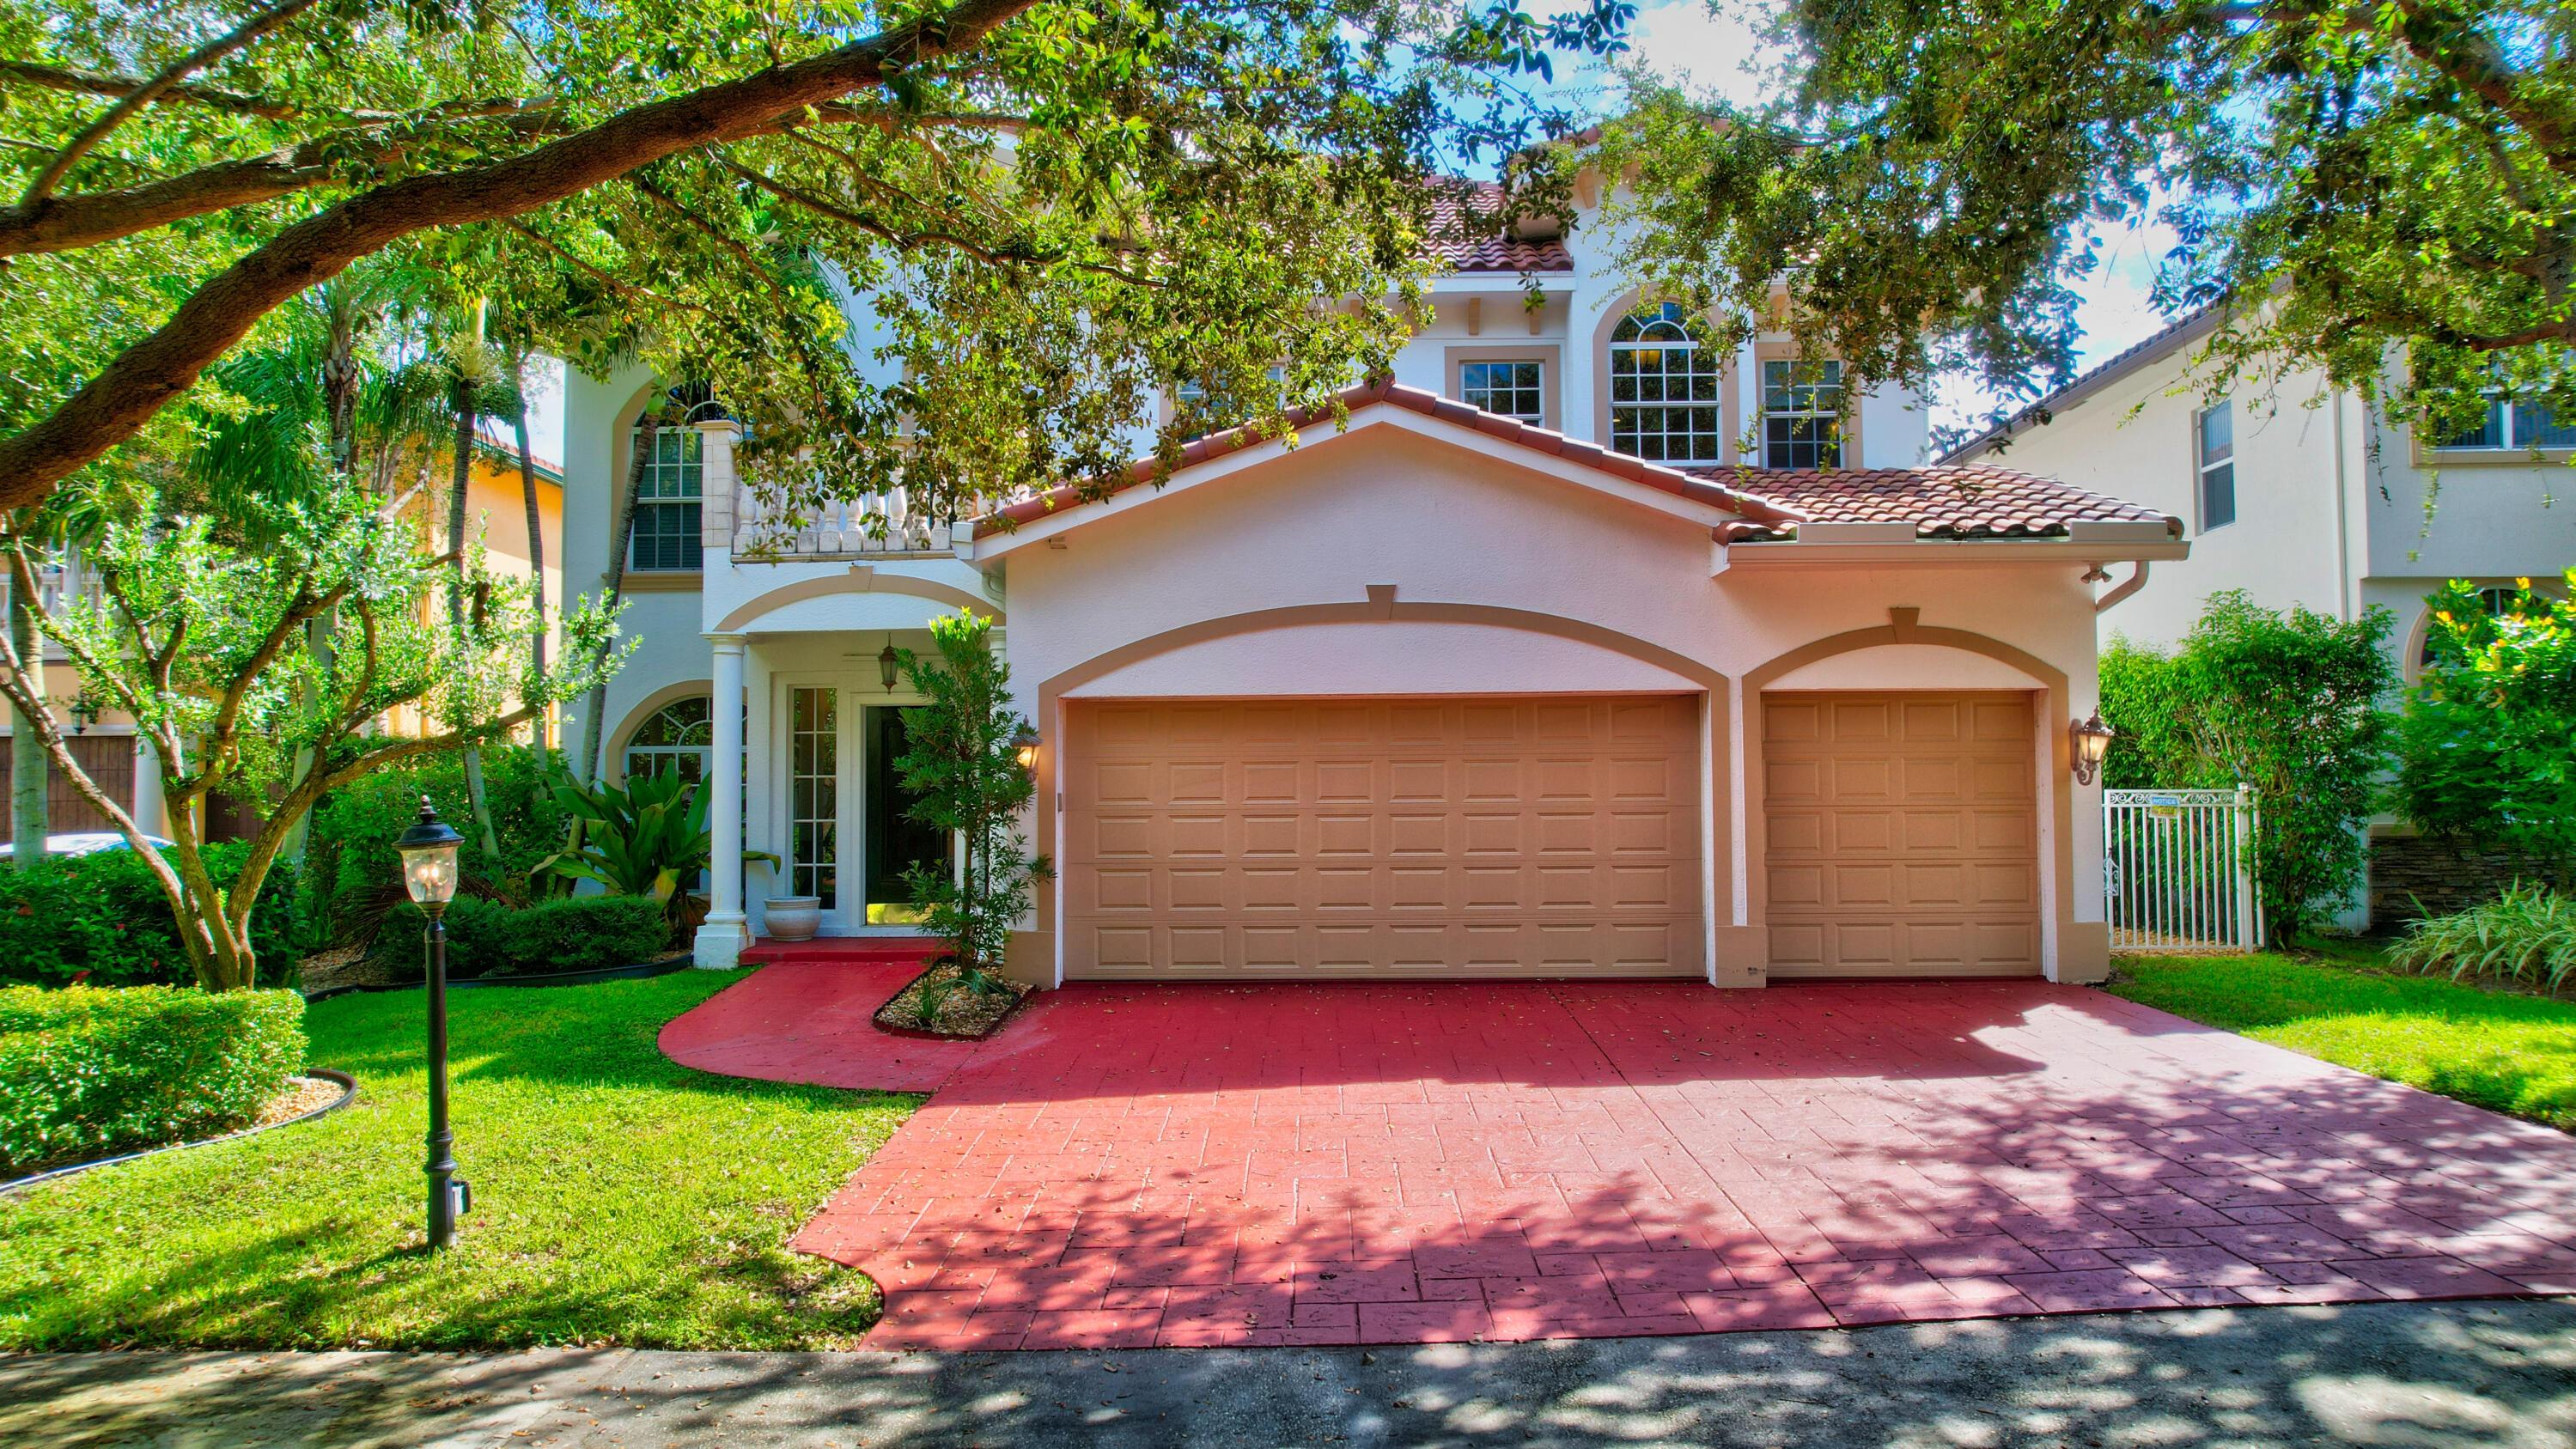 1835 Copley Place, Delray Beach, Florida 33445, 5 Bedrooms Bedrooms, ,3.1 BathroomsBathrooms,Single Family Detached,For Sale,Copley,RX-10750201